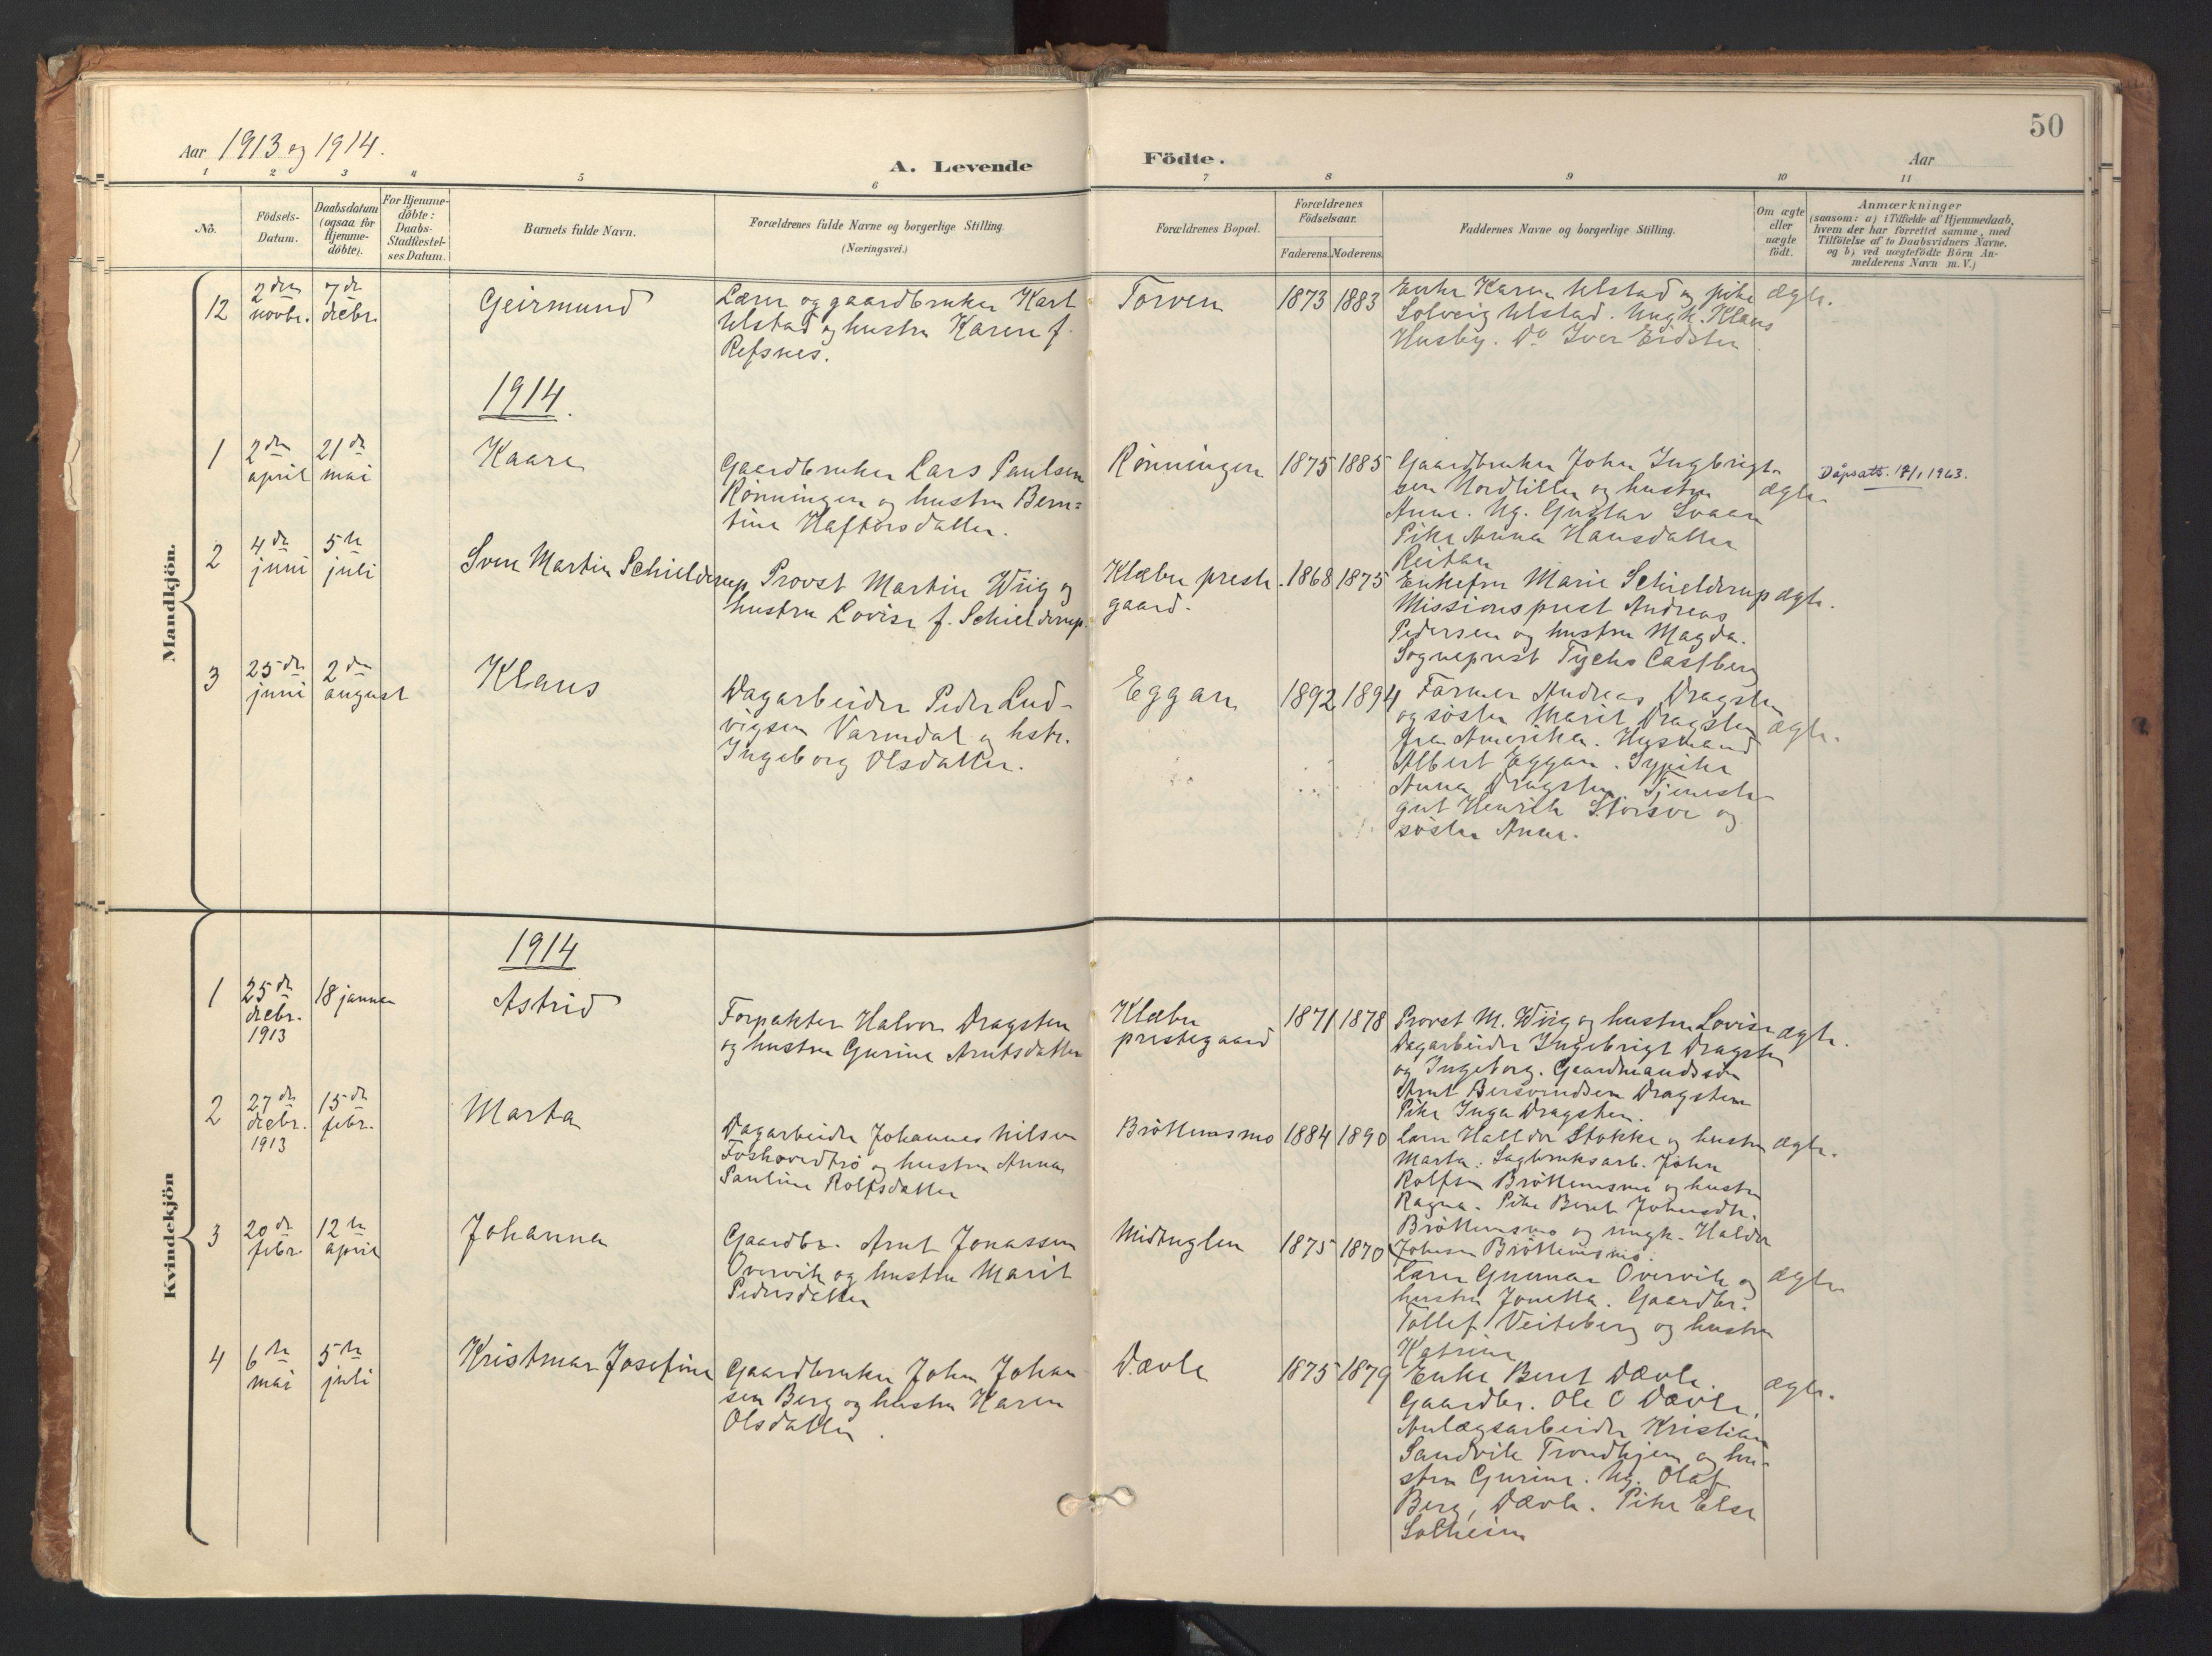 SAT, Ministerialprotokoller, klokkerbøker og fødselsregistre - Sør-Trøndelag, 618/L0448: Ministerialbok nr. 618A11, 1898-1916, s. 50